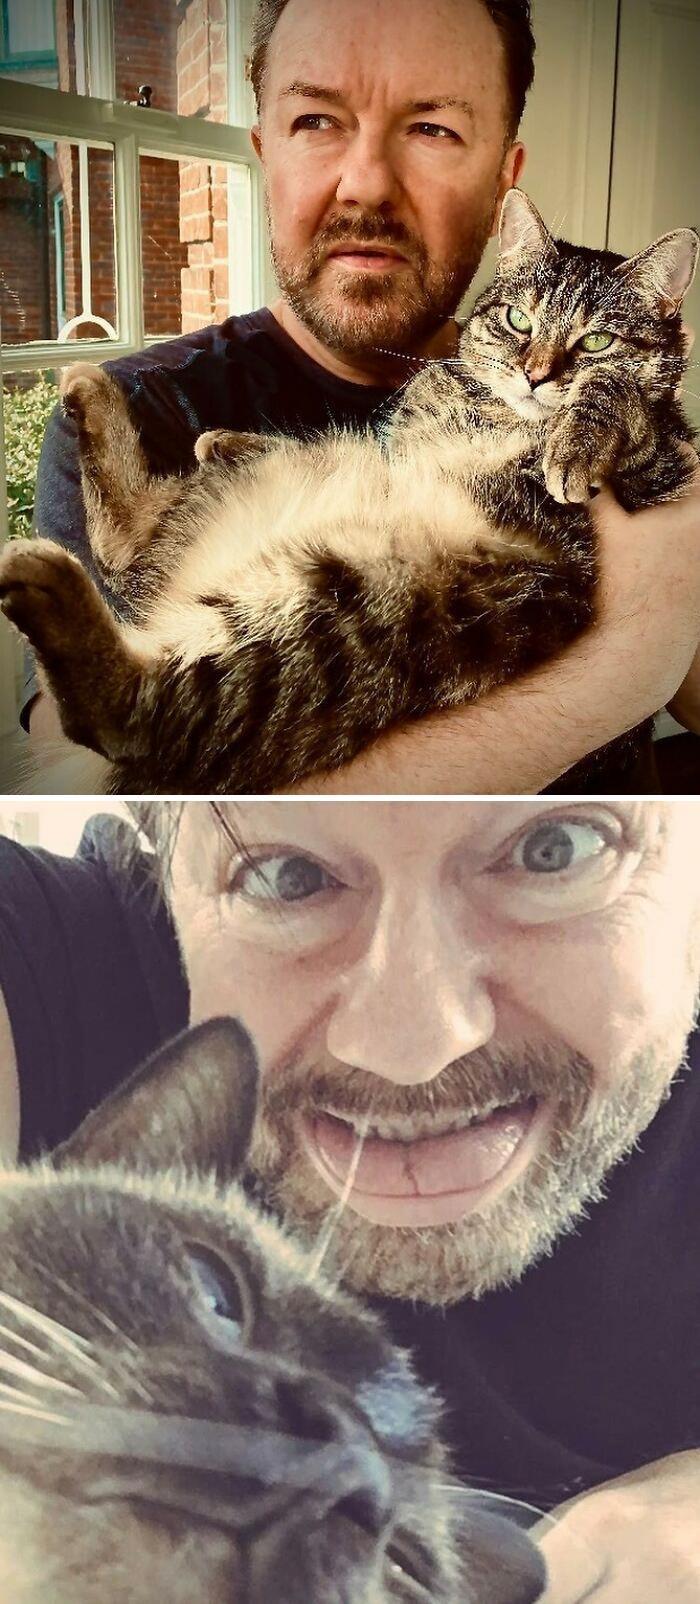 17. Ricky Gervais